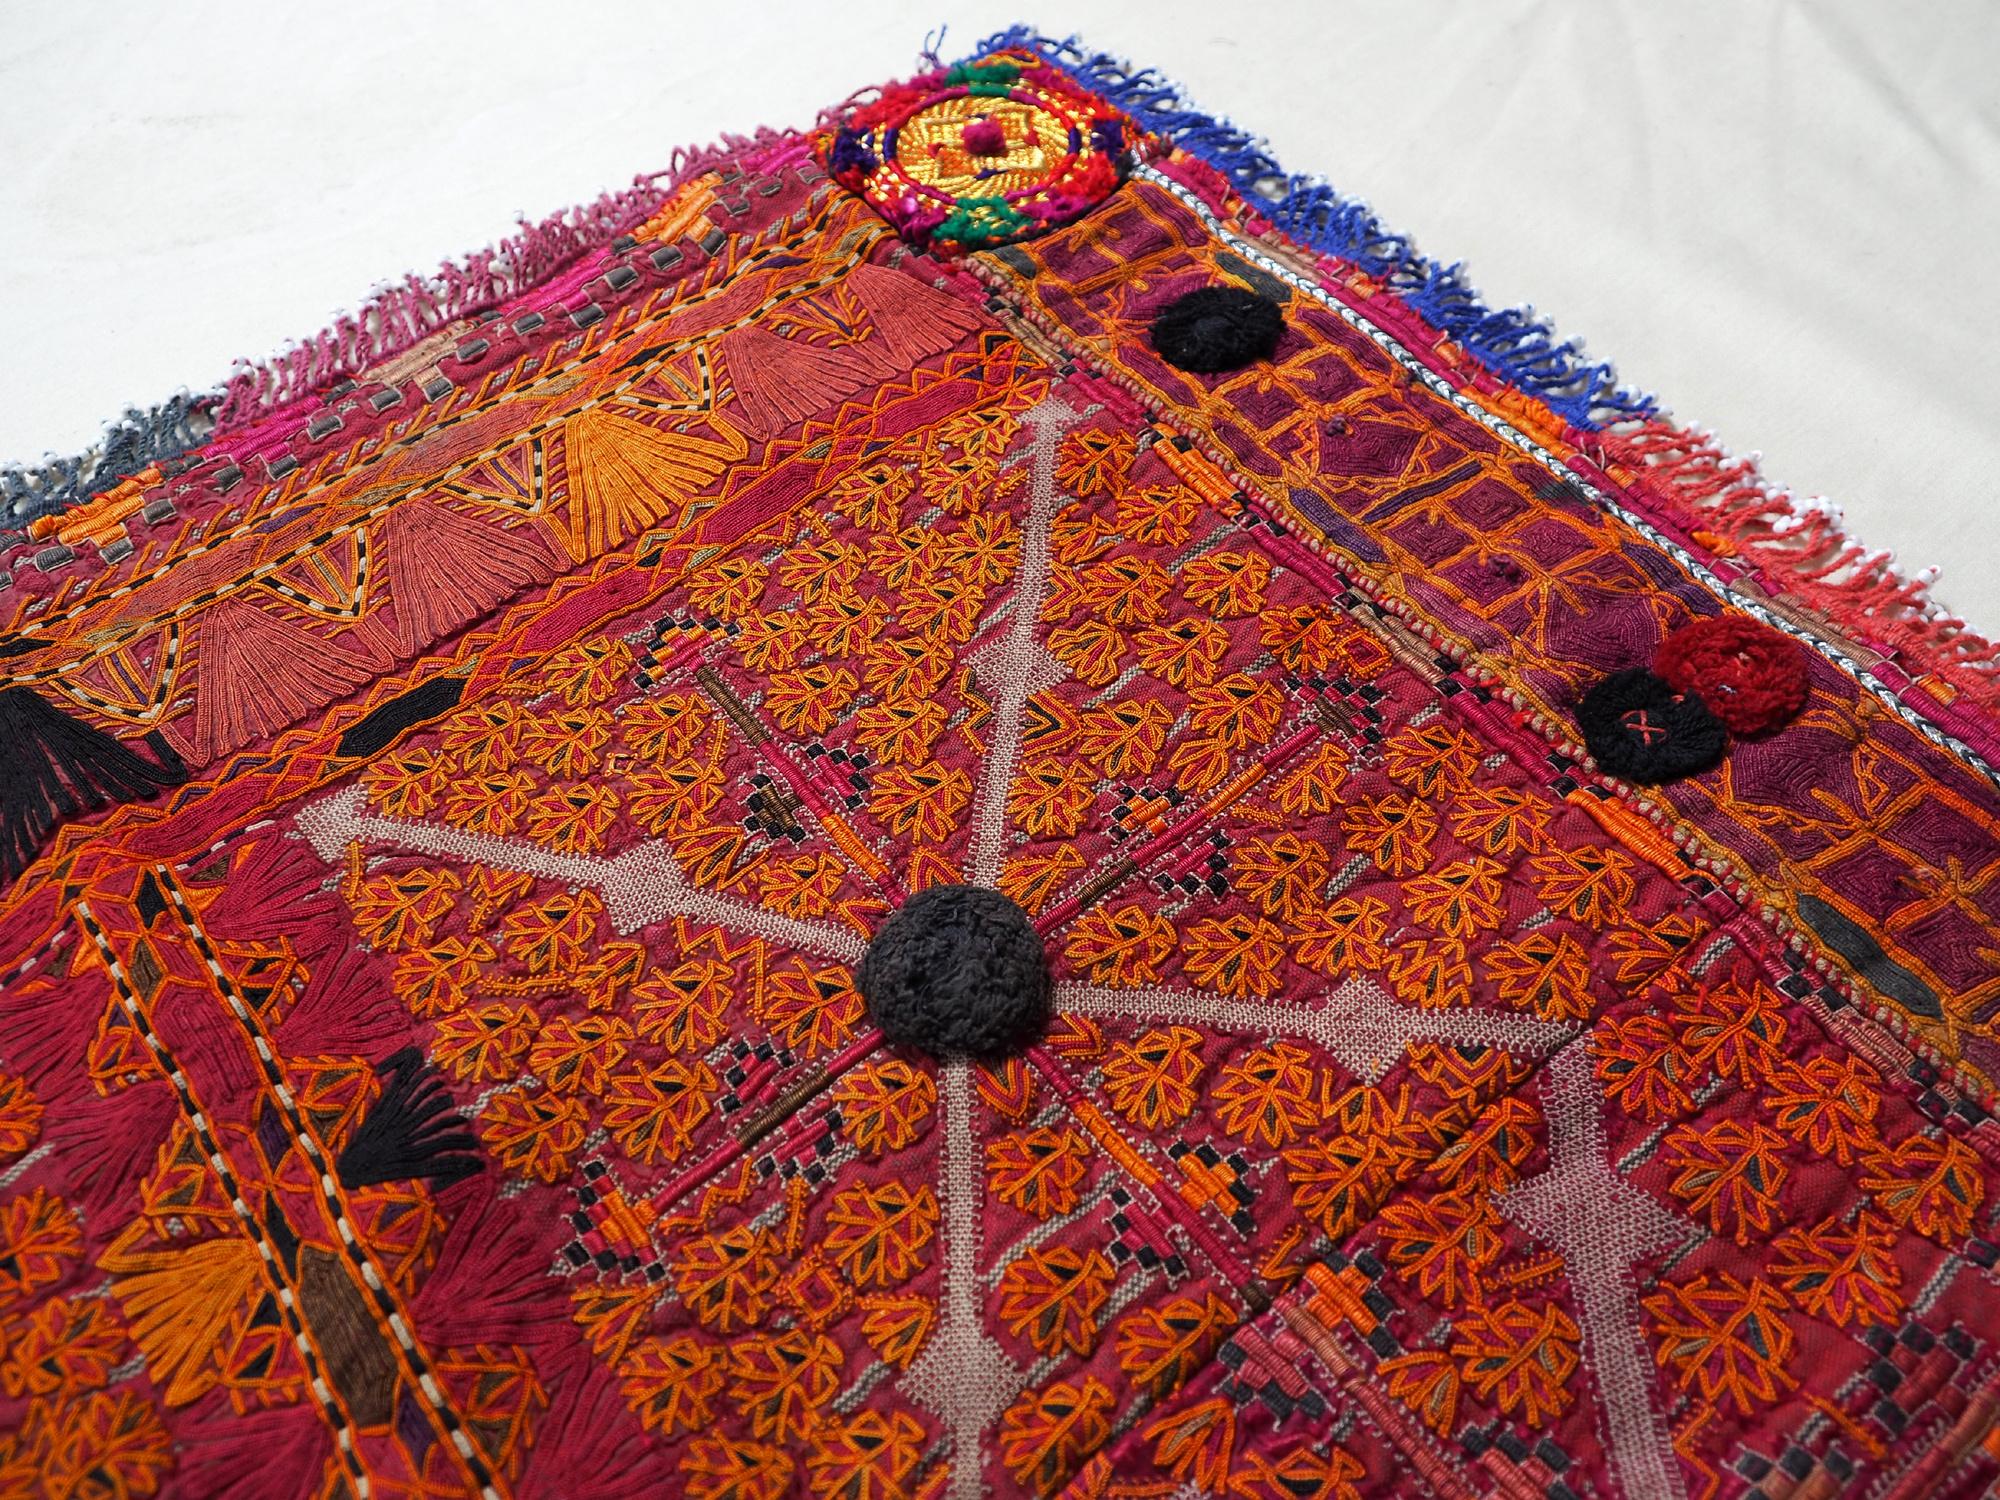 antik und Reich bestickte islamische Katwaz Ghazni Region Stickerei aus Süd-Afghanistan. 19/WLit